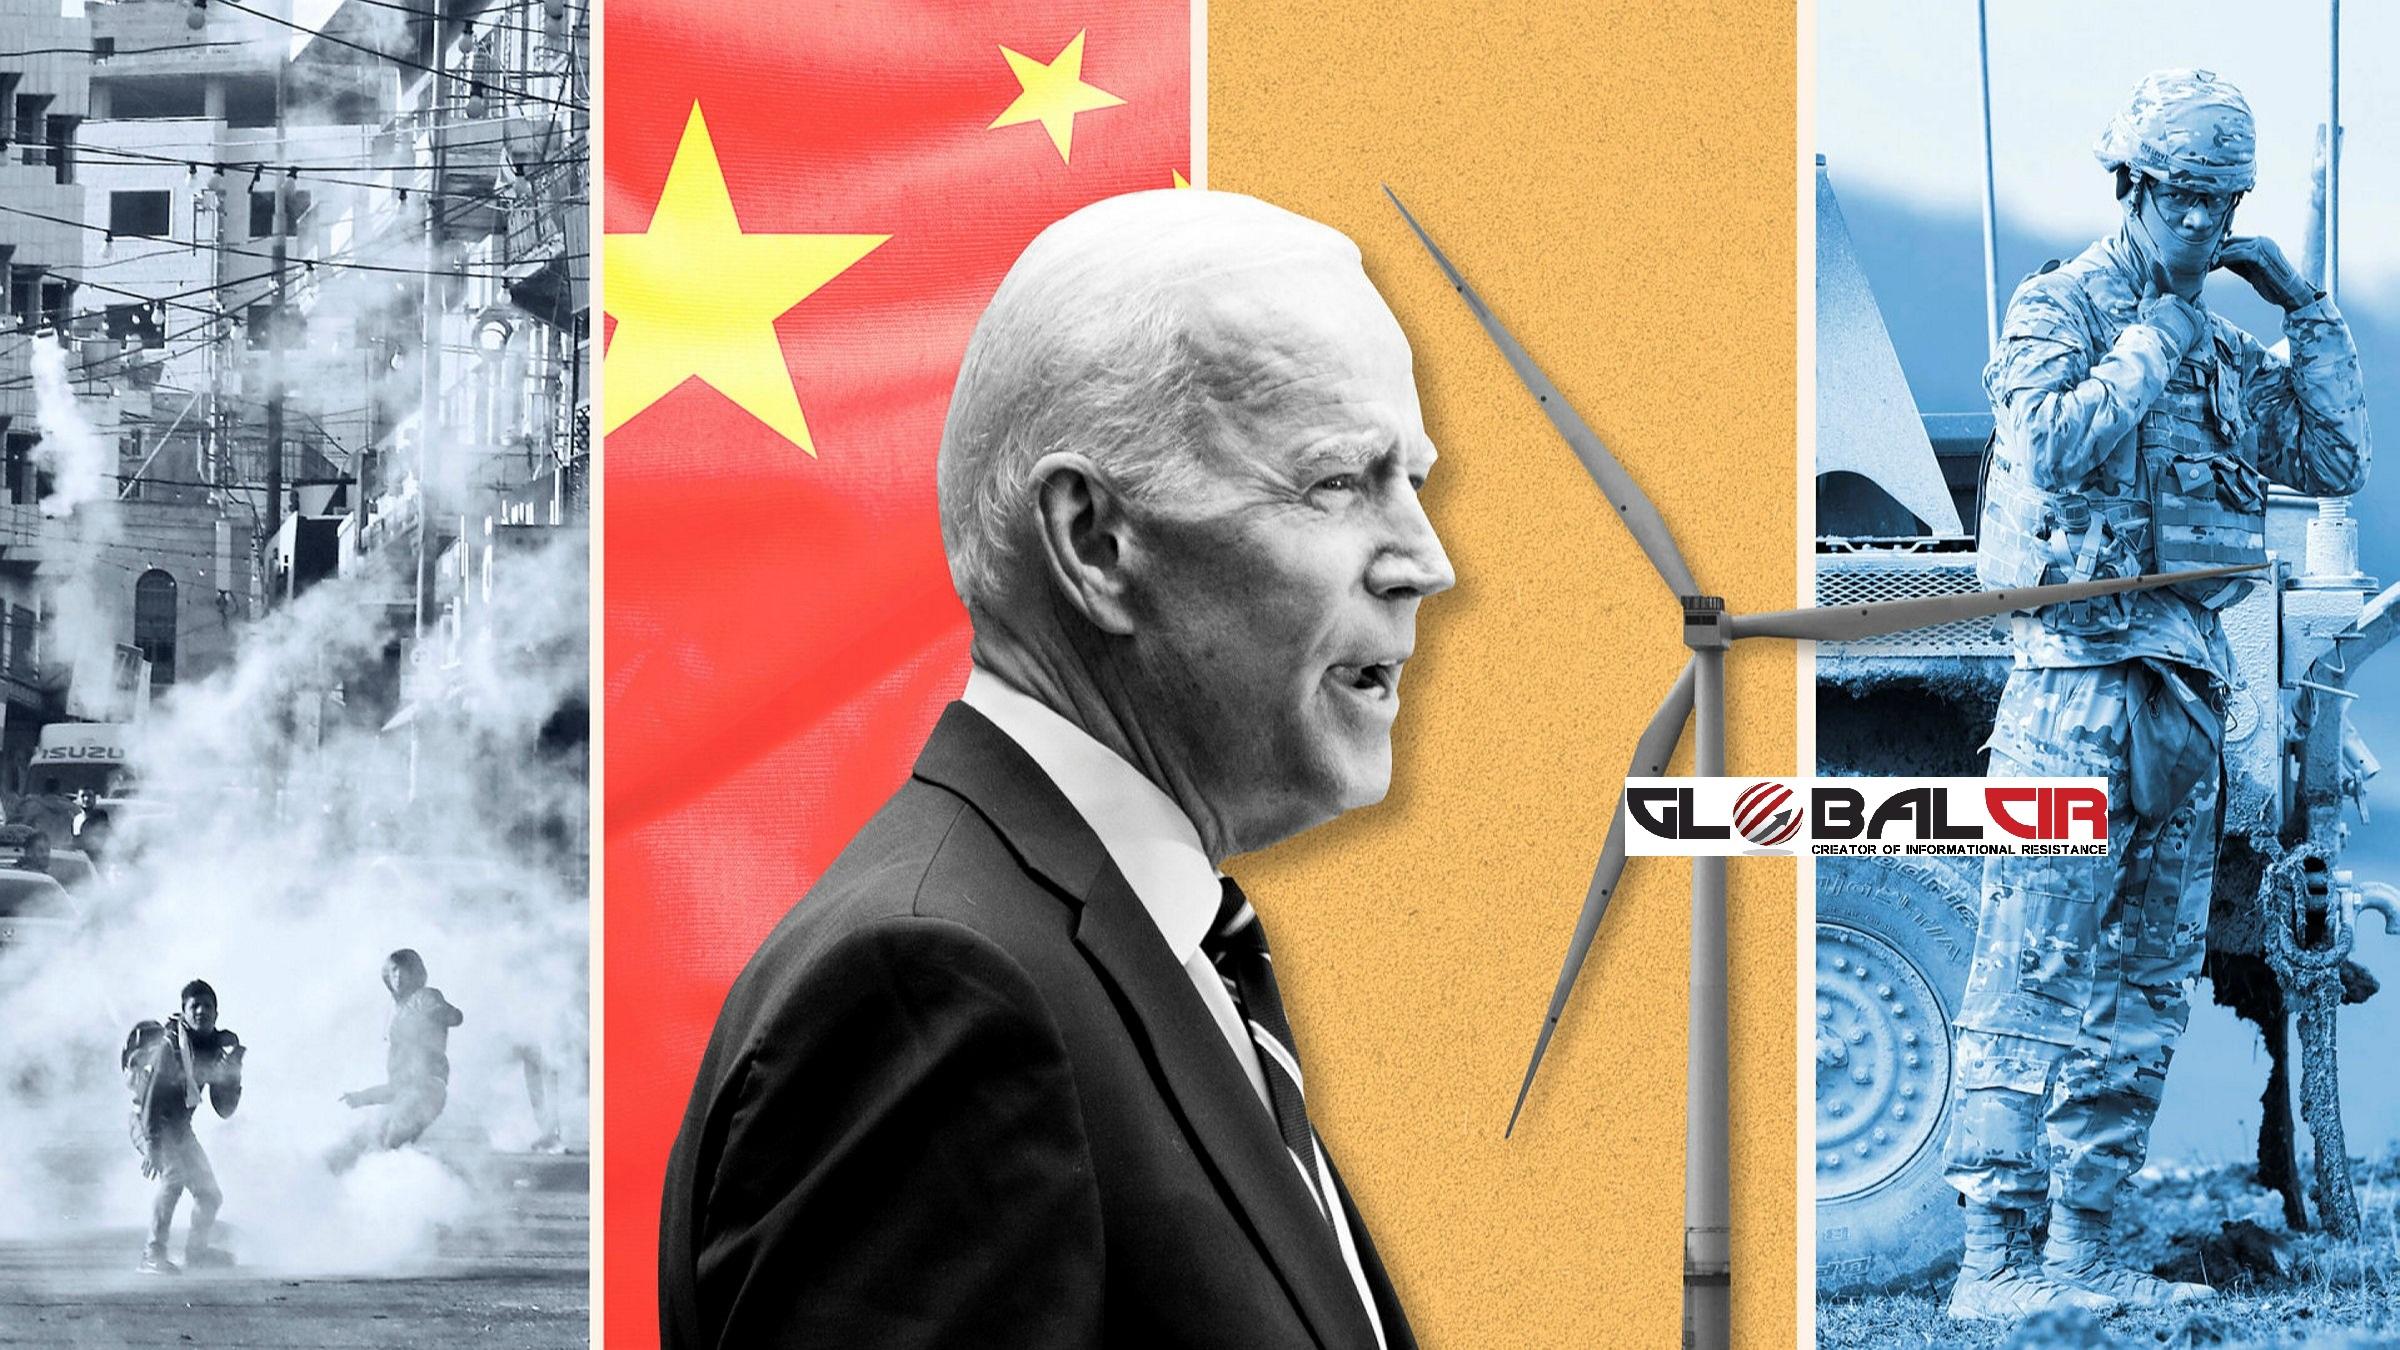 ZA BAJDENA KAŽU DA JE 'LJUBAZNI ANĐEO': Kineski zvaničnici i mediji u optimističnom tonu o budućim odnosima sa SAD-om nakon Bajdenove inauguracije!